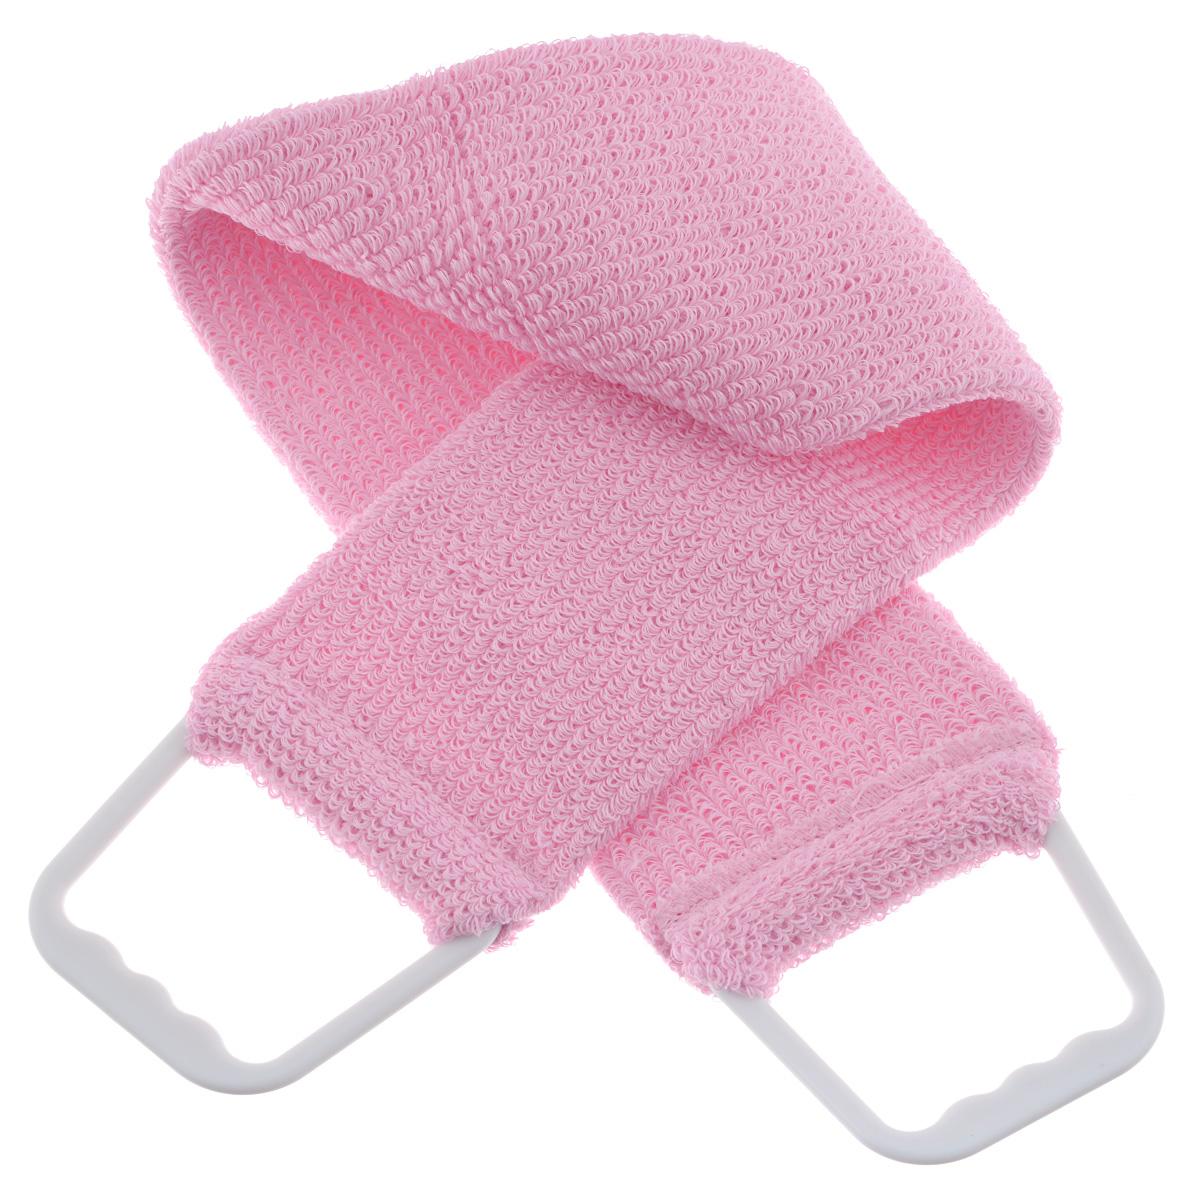 Мочалка 103, цвет: розовый5010777139655Мочалка-пояс Riffi используется для мытья тела, обладает активным пилинговым действием, тонизируя, массируя и эффективно очищая вашу кожу. Хлопковая основа придает мочалке высокие моющие свойства, а примесь жестких синтетических волокон усиливает ее массажное воздействие на кожу. Для удобства применения пояс снабжен двумя пластиковыми ручками. Благодаря отшелушивающему эффекту мочалки-пояса, кожа освобождается от отмерших клеток, становится гладкой, упругой и свежей. Массаж тела с применением Riffi стимулирует кровообращение, активирует кровоснабжение, способствует обмену веществ, что в свою очередь позволяет себя чувствовать бодрым и отдохнувшим после принятия душа или ванны. Riffi регенерирует кожу, делает ее приятно нежной, мягкой и лучше готовой к принятию косметических средств. Приносит приятное расслабление всему организму. Борется со спазмами и болями в мышцах, предупреждает образование целлюлита и обеспечивает омолаживающий эффект. Моет легко и энергично. Быстро сохнет. Гипоаллергенная.